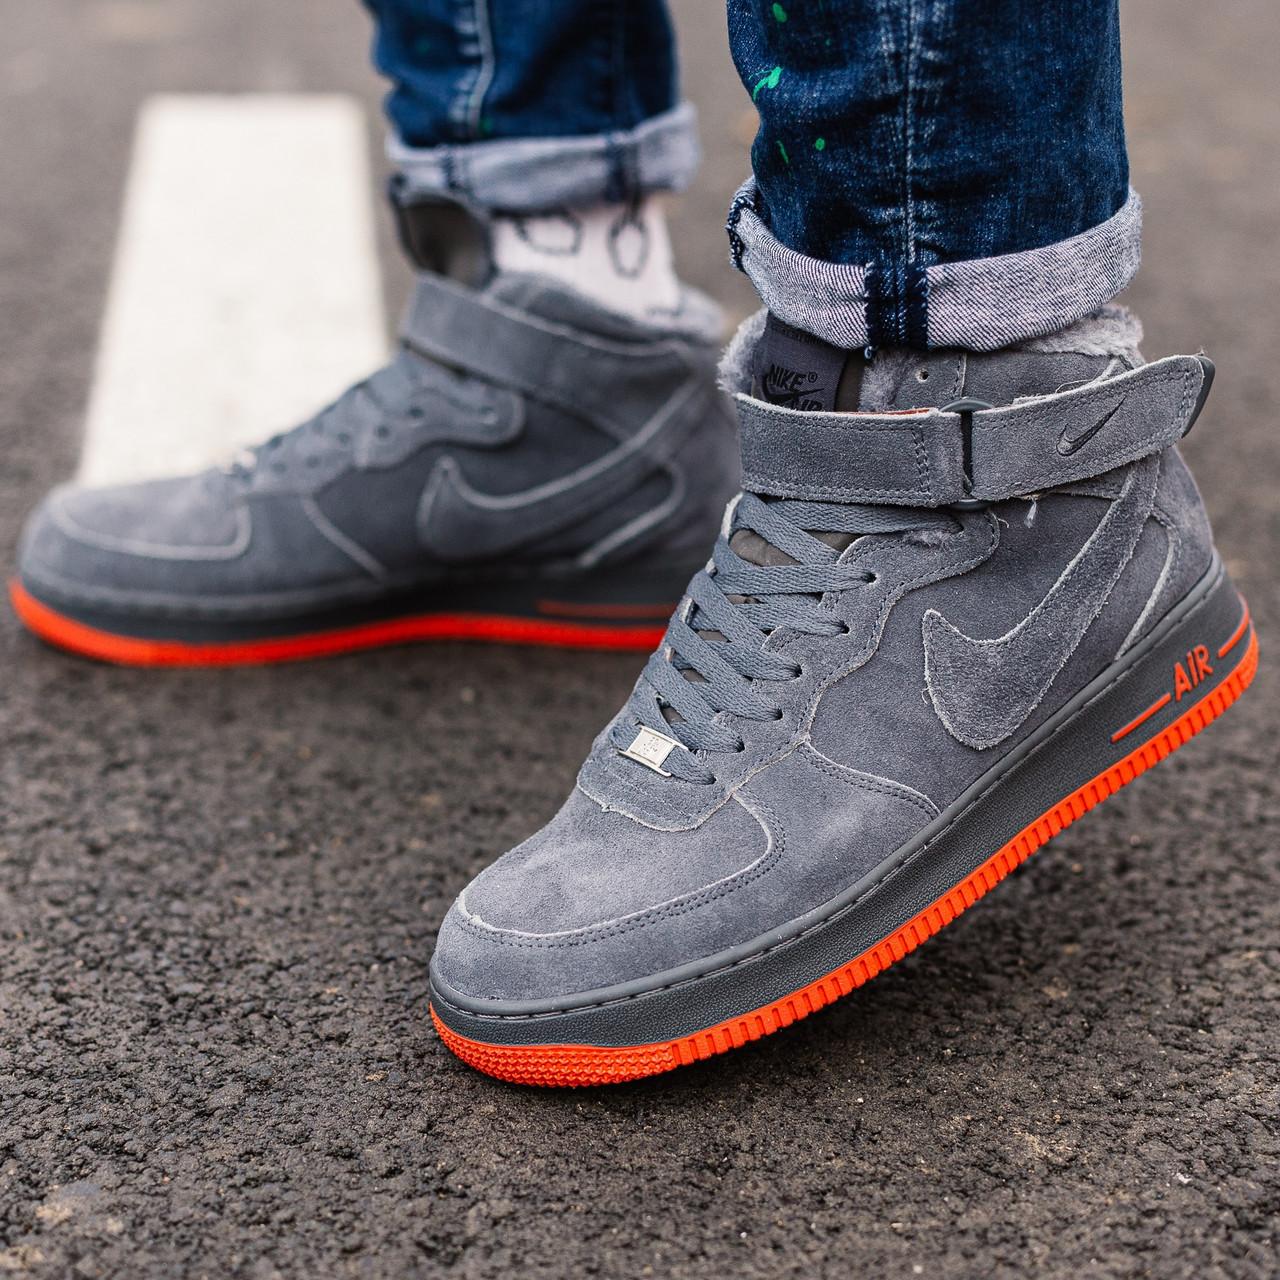 Теплые кроссовки женские Nike Air Force Winter серые-красные (Top replic)